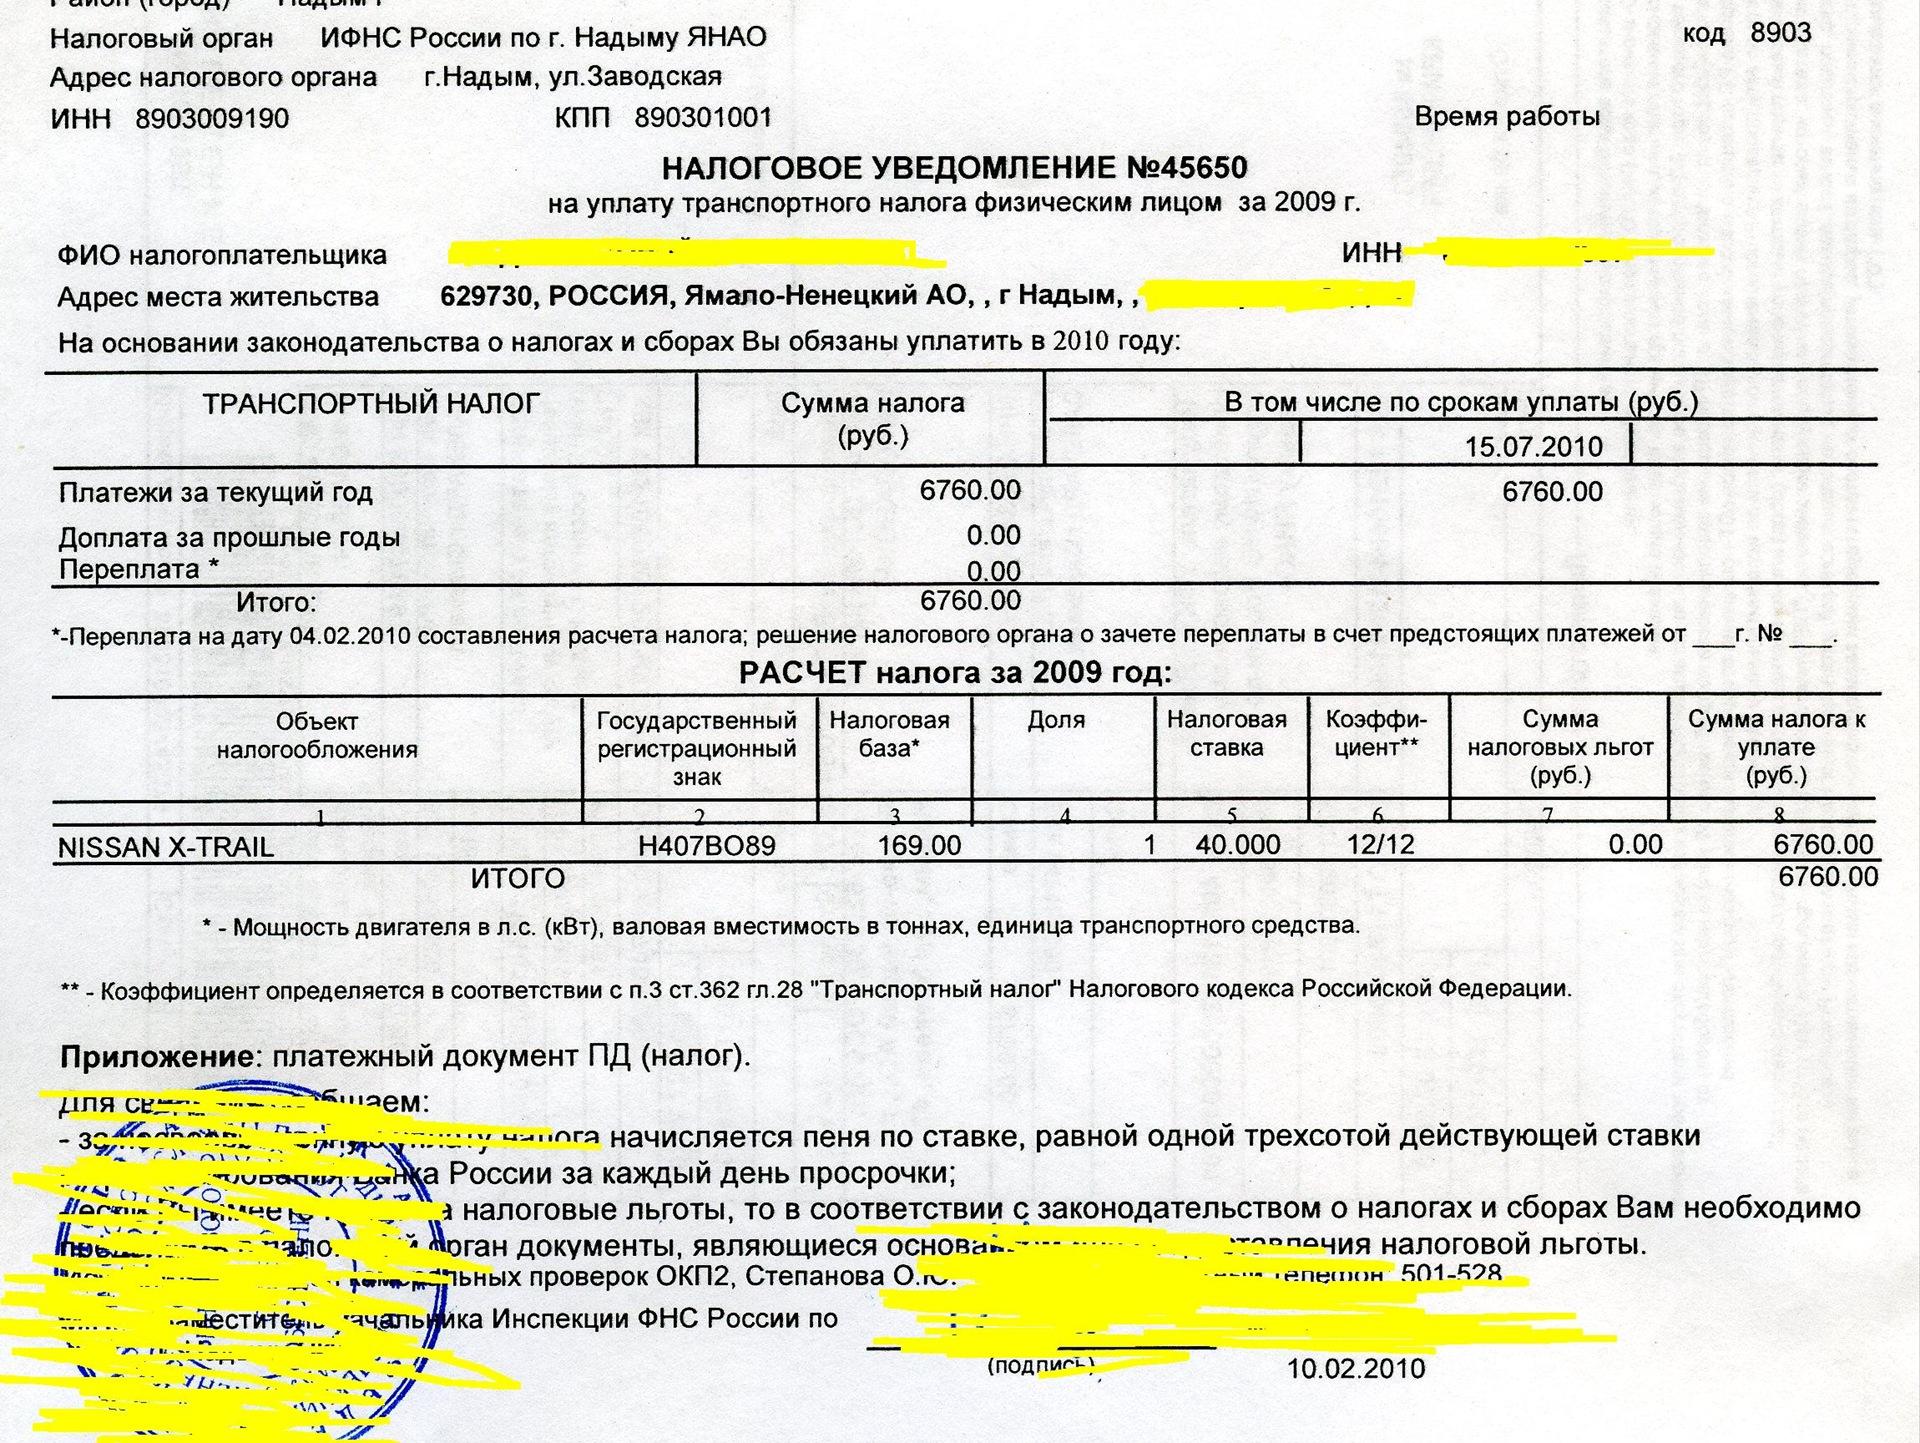 задницы новокуйбышевск налоговая инспекция квитанция на оплату земельного налога этих